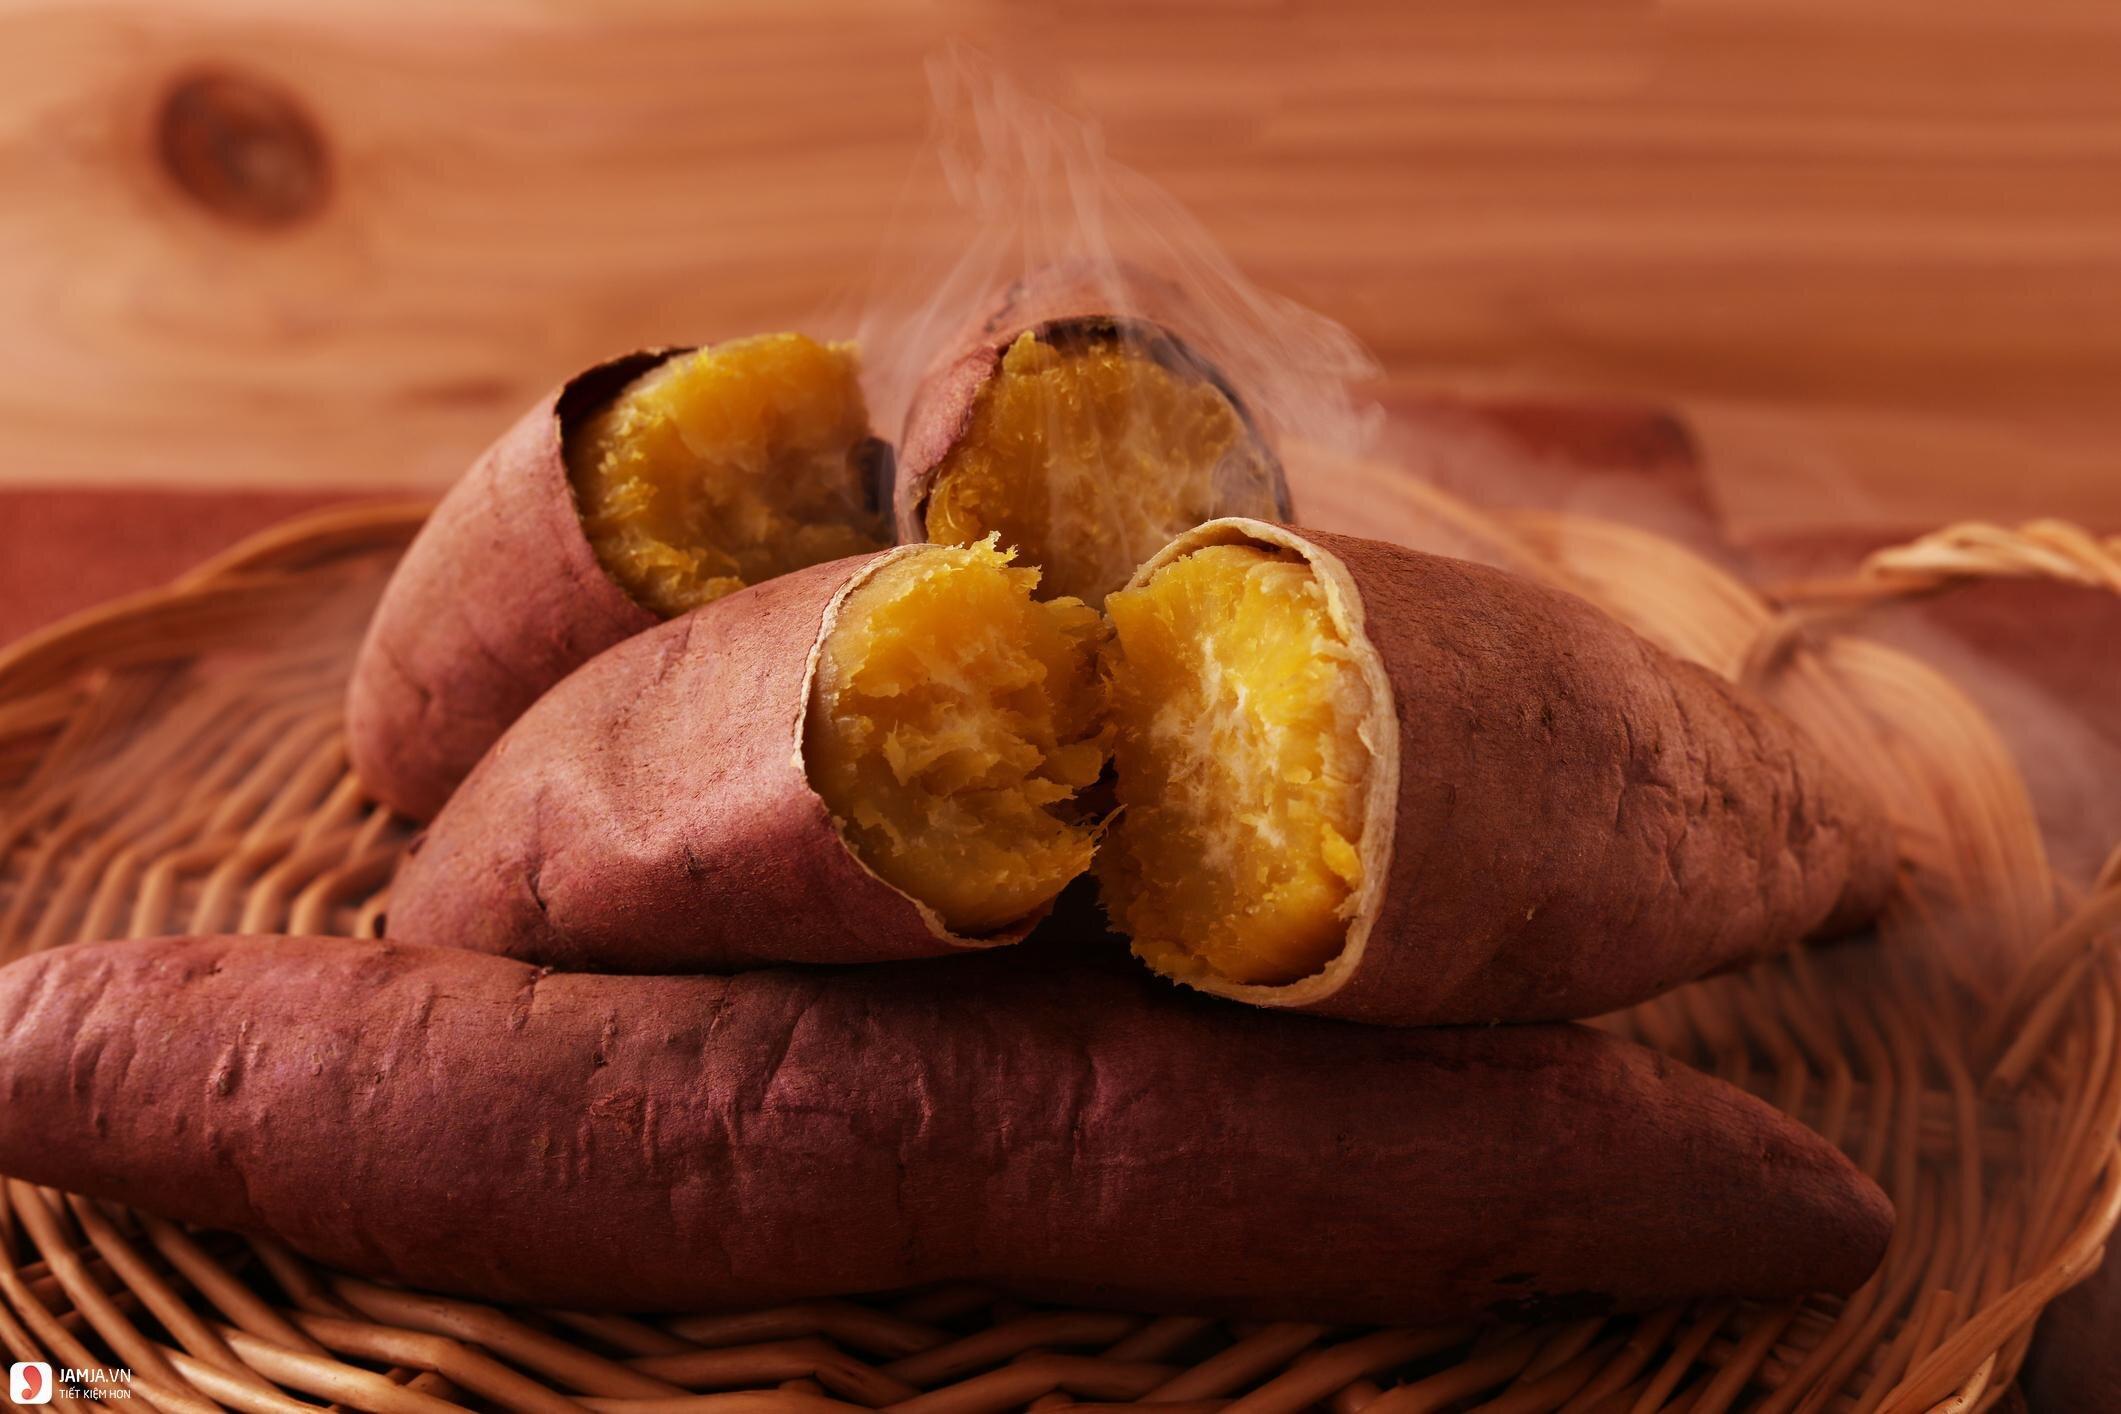 Khoai lang sau khi nướng có màu vàng ươm và mùi thơm nhẹ đặc trưng, hấp dẫn